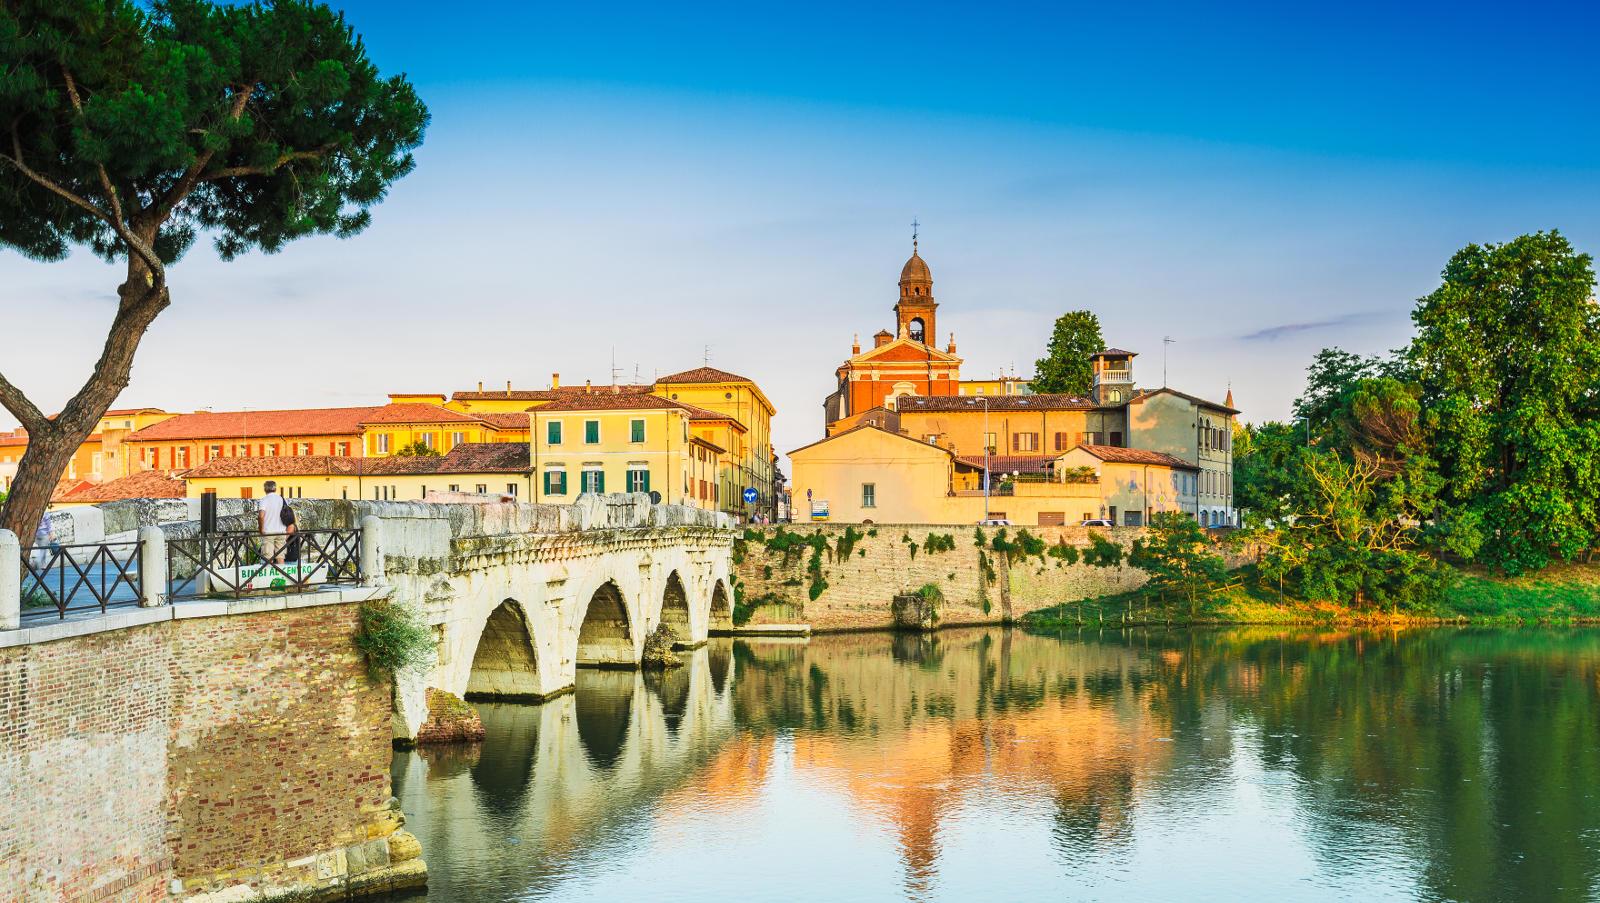 Valutazione Immobili Rimini